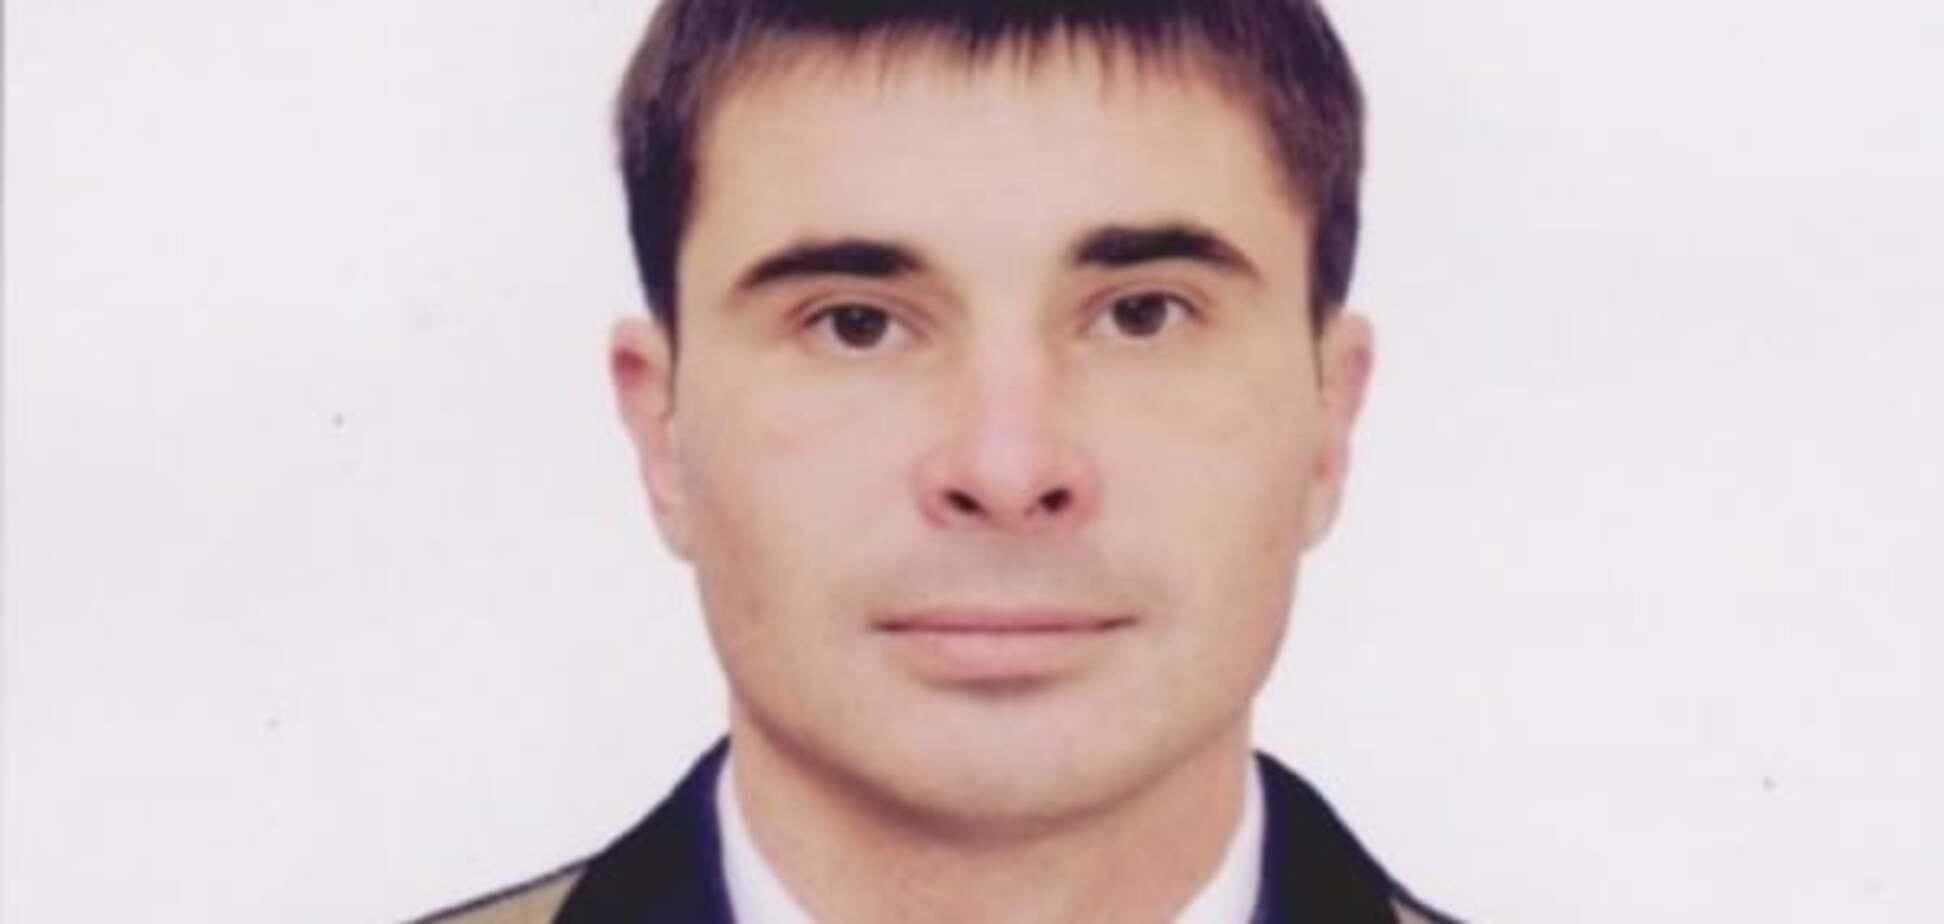 В Одесі продовжує служити офіцер-зрадник із Криму, що просився до 'зелених чоловічків': документи